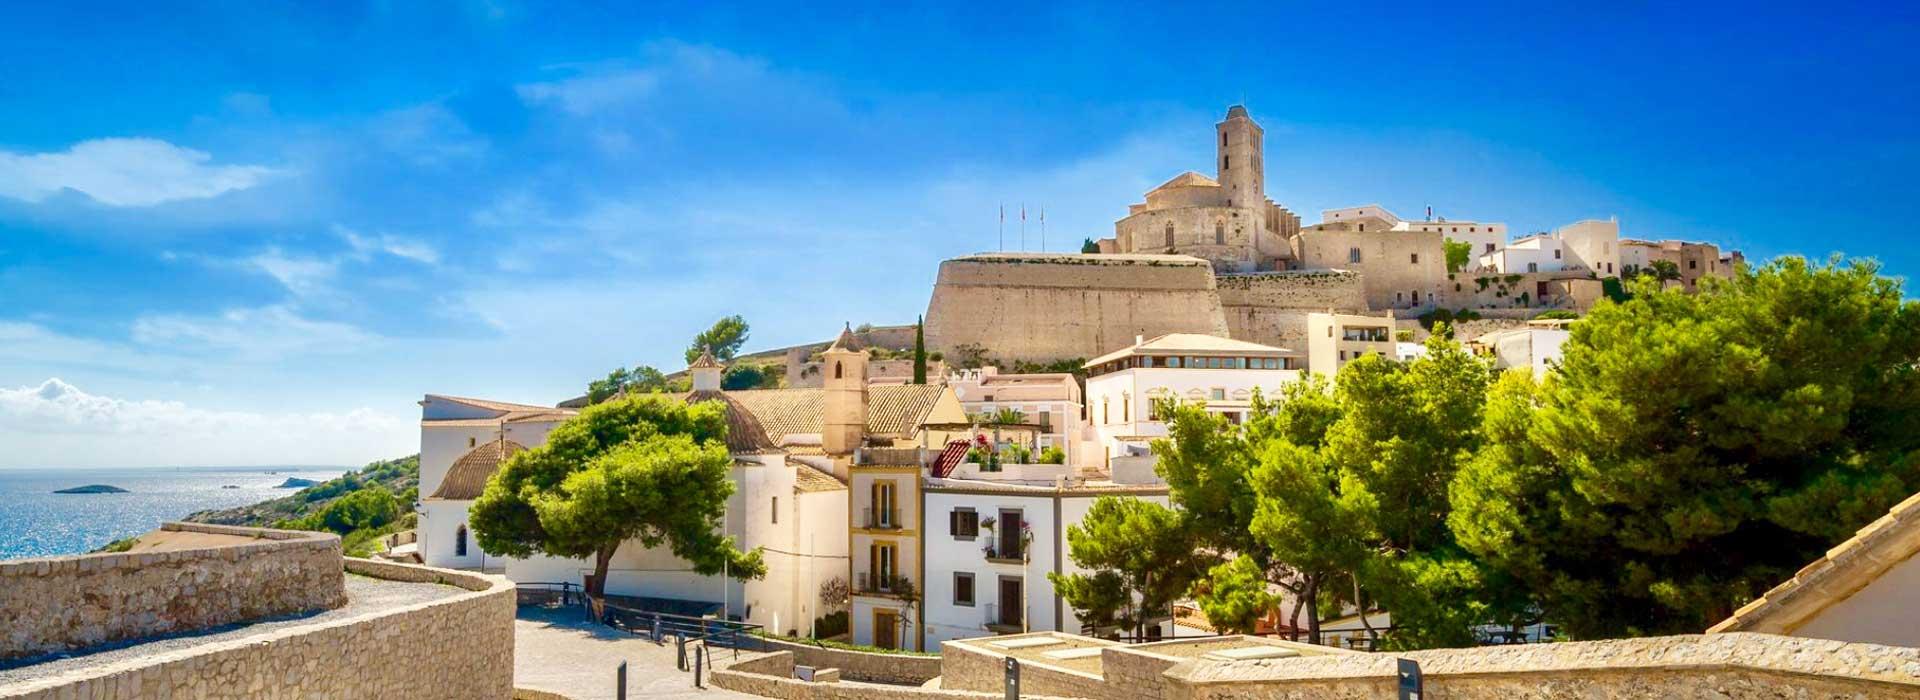 <small>Aktuelle Angebote</small>Ibiza, Mallorca und Festland